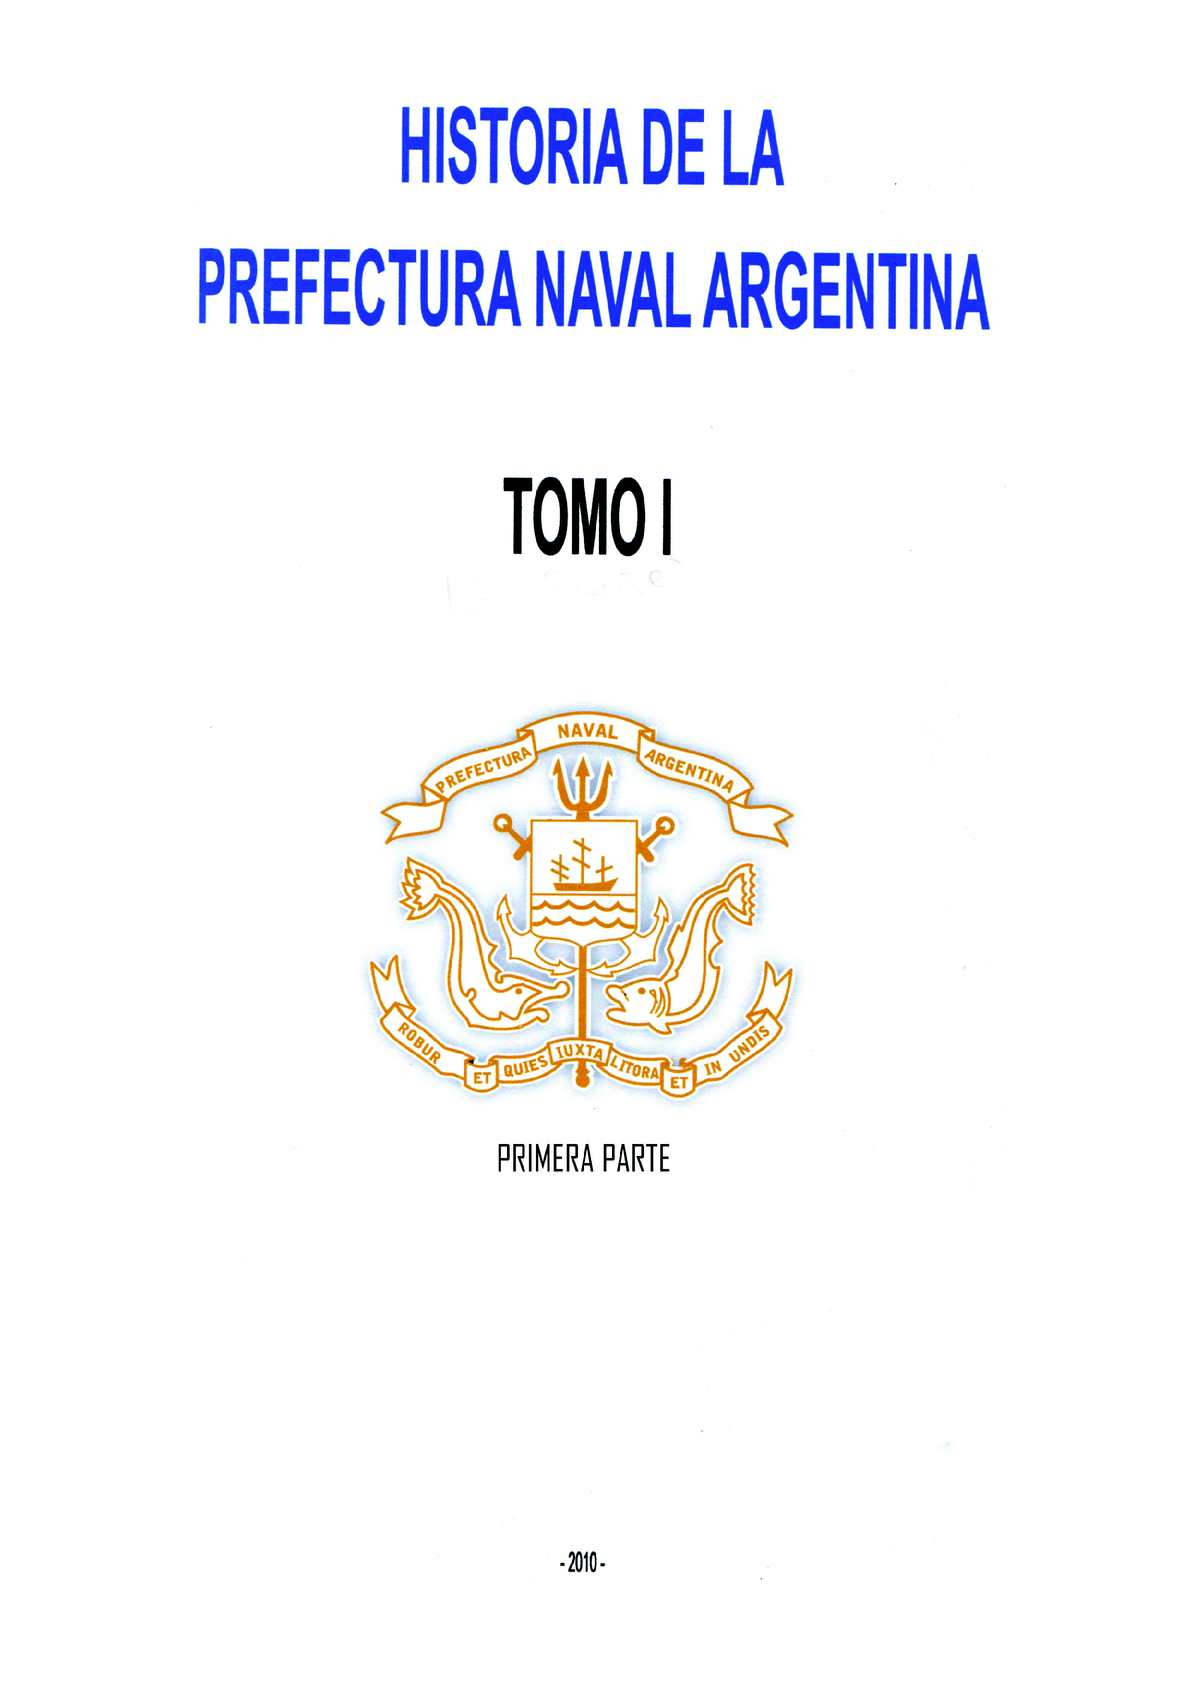 afb390adb7 CALAMEO PDF Downloader